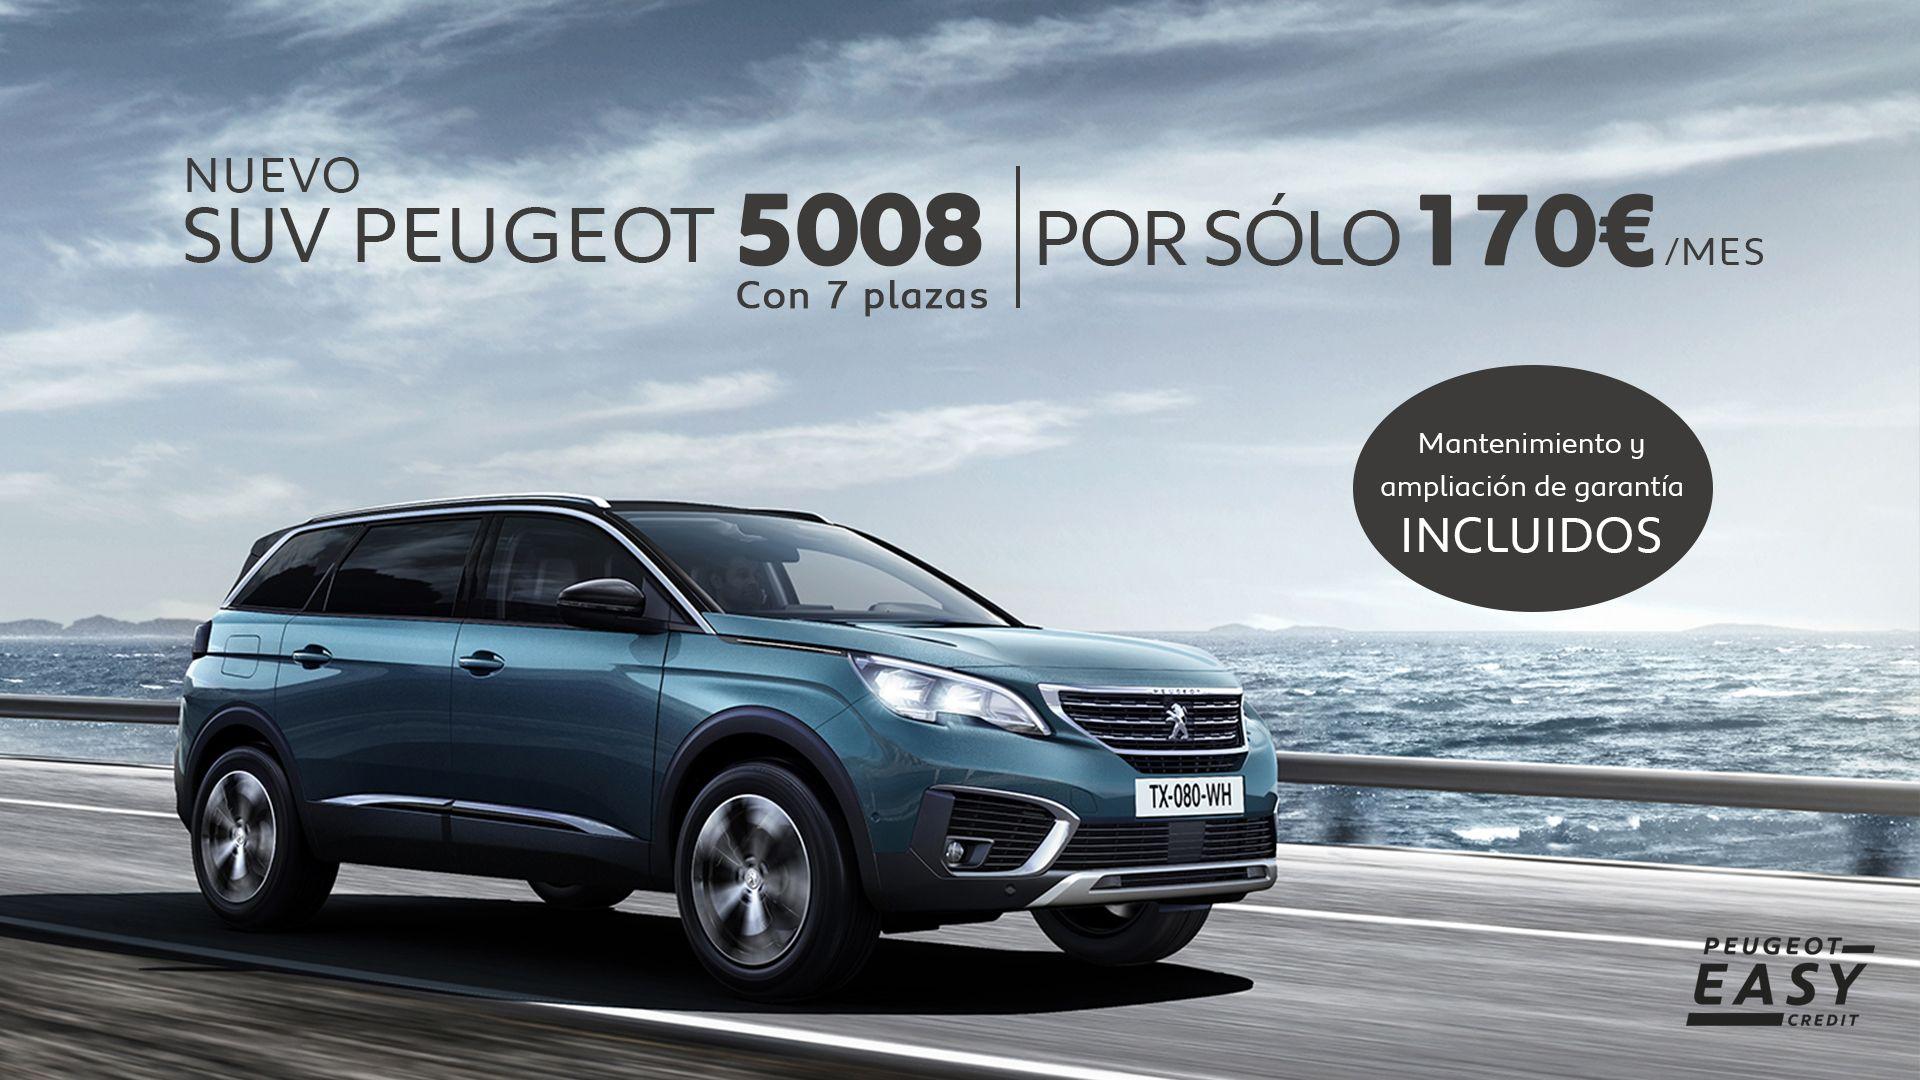 CONDUCE EL NUEVO SUV PEUGEOT 5008 POR SÓLO 170€/MES